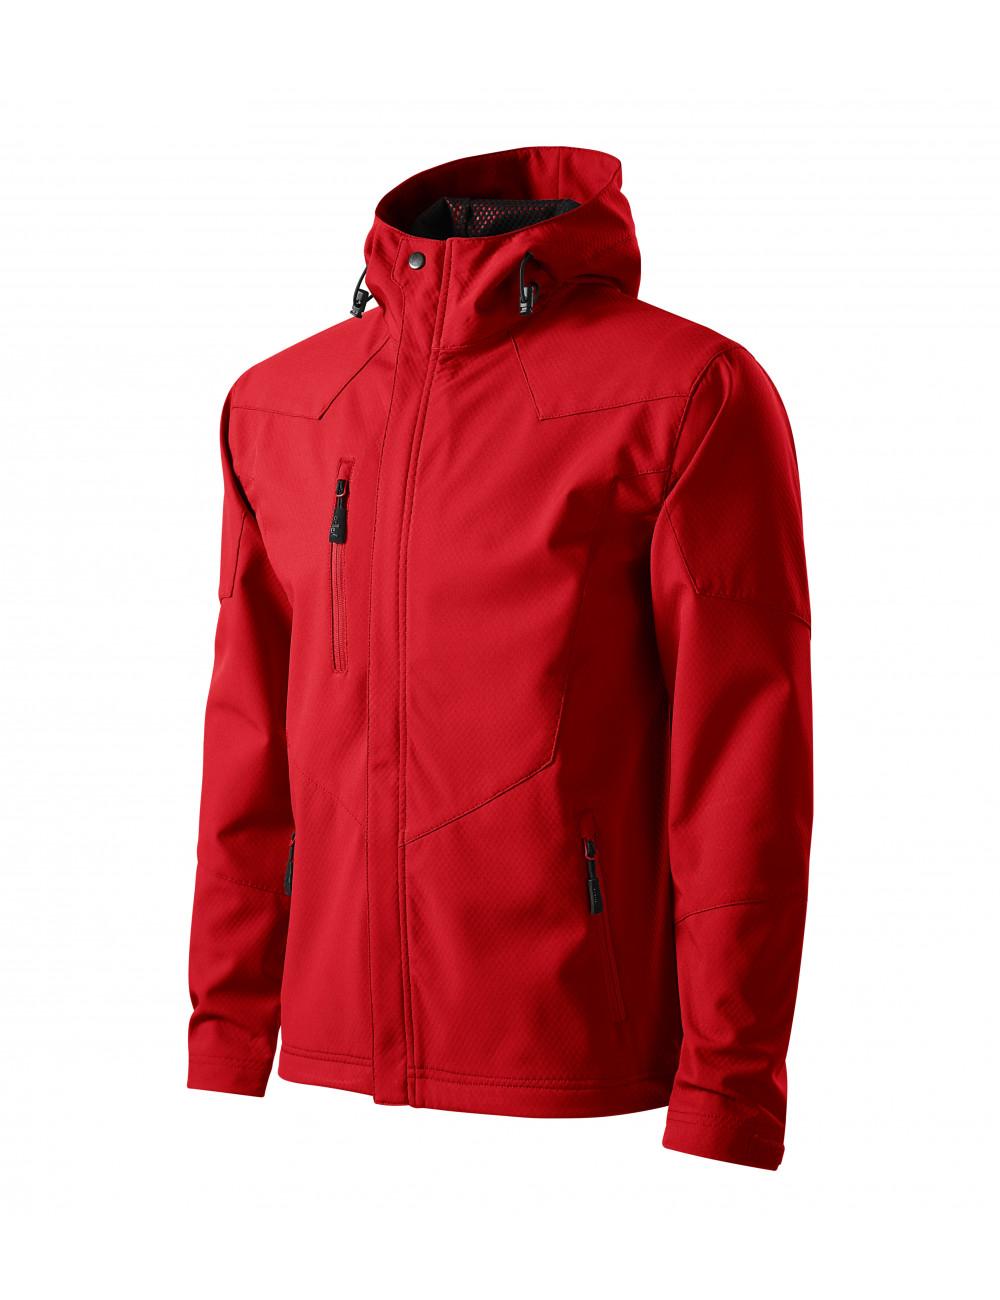 Adler MALFINI Softshell kurtka męska Nano 531 czerwony